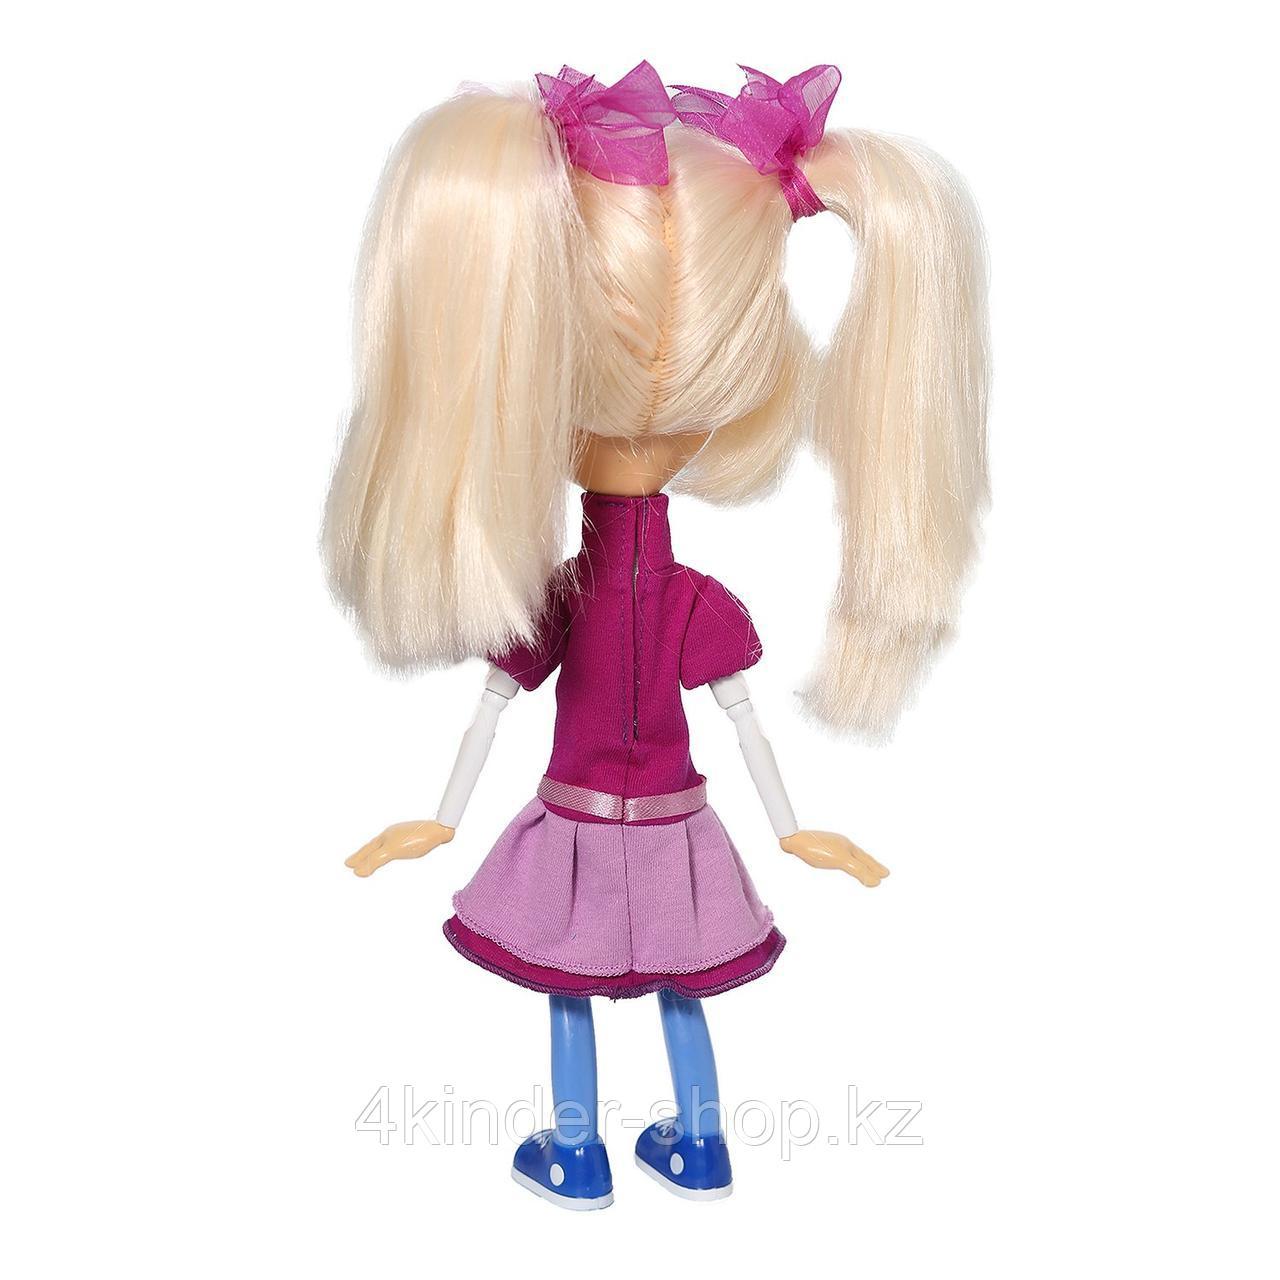 Кукла Весна Роза Барбоскина Музыкальный дебют В3649 - фото 4